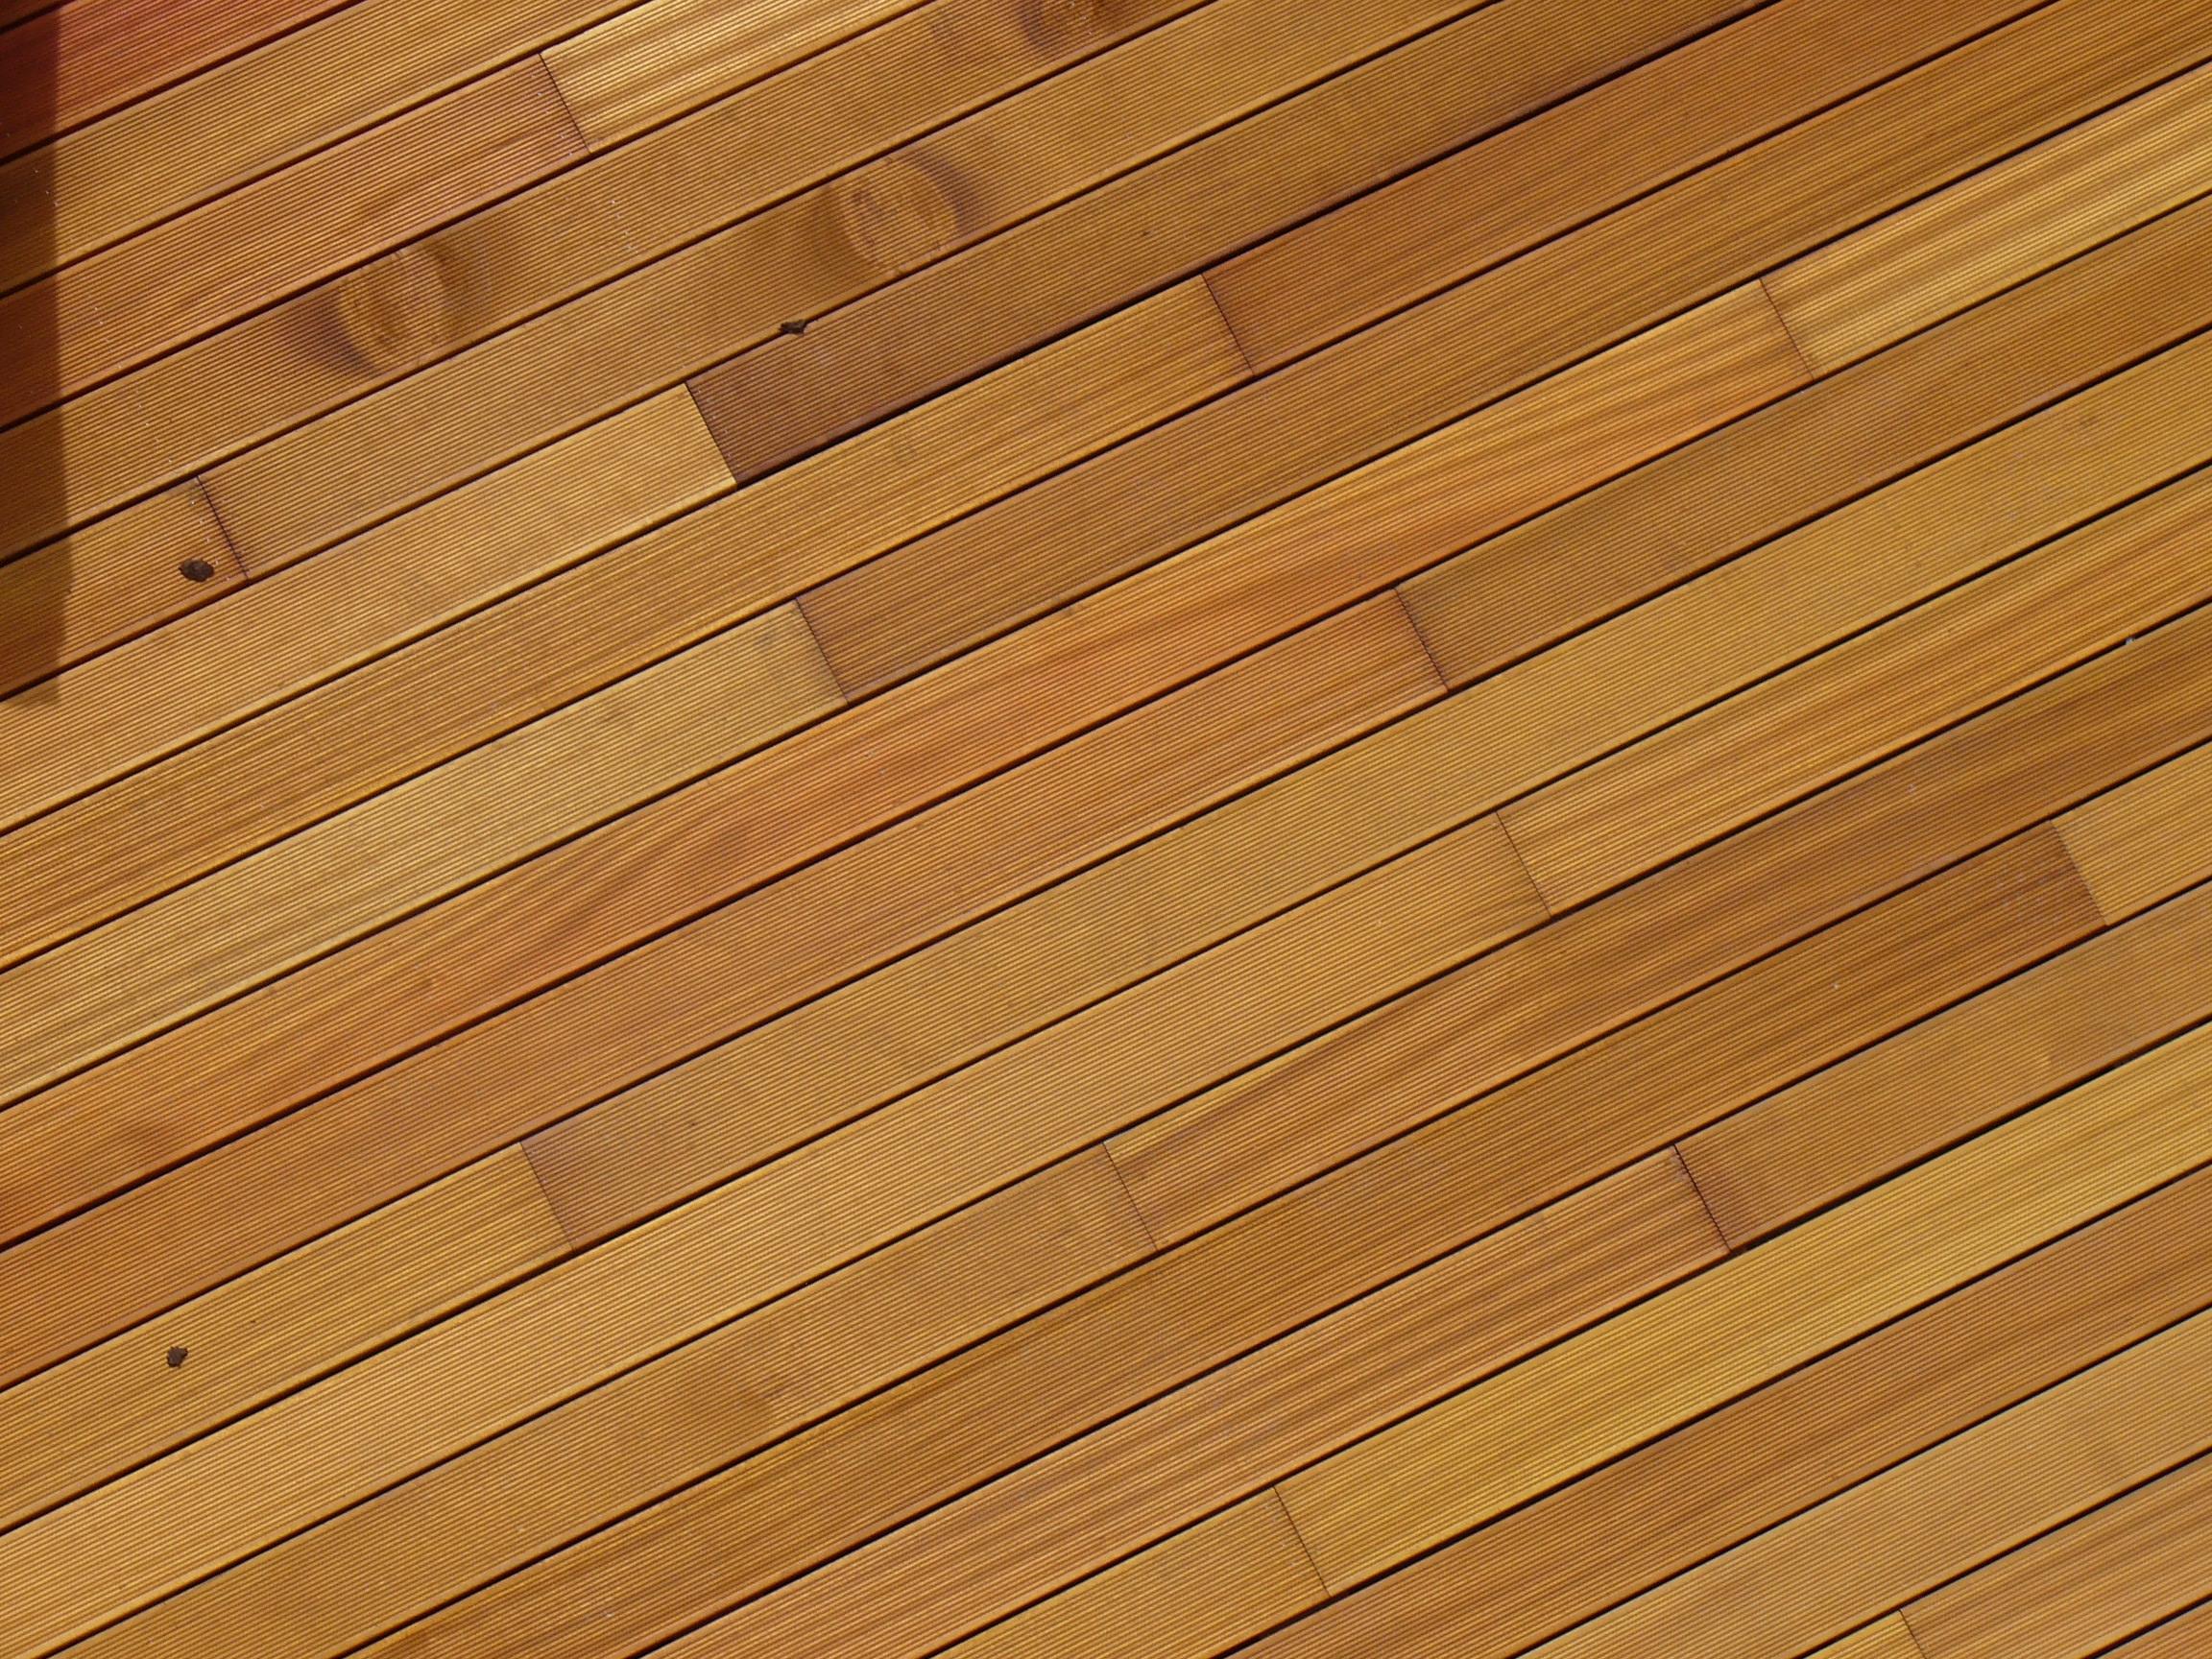 Deck-uri lemn - Guariuba SELVA FLOORS - Poza 26